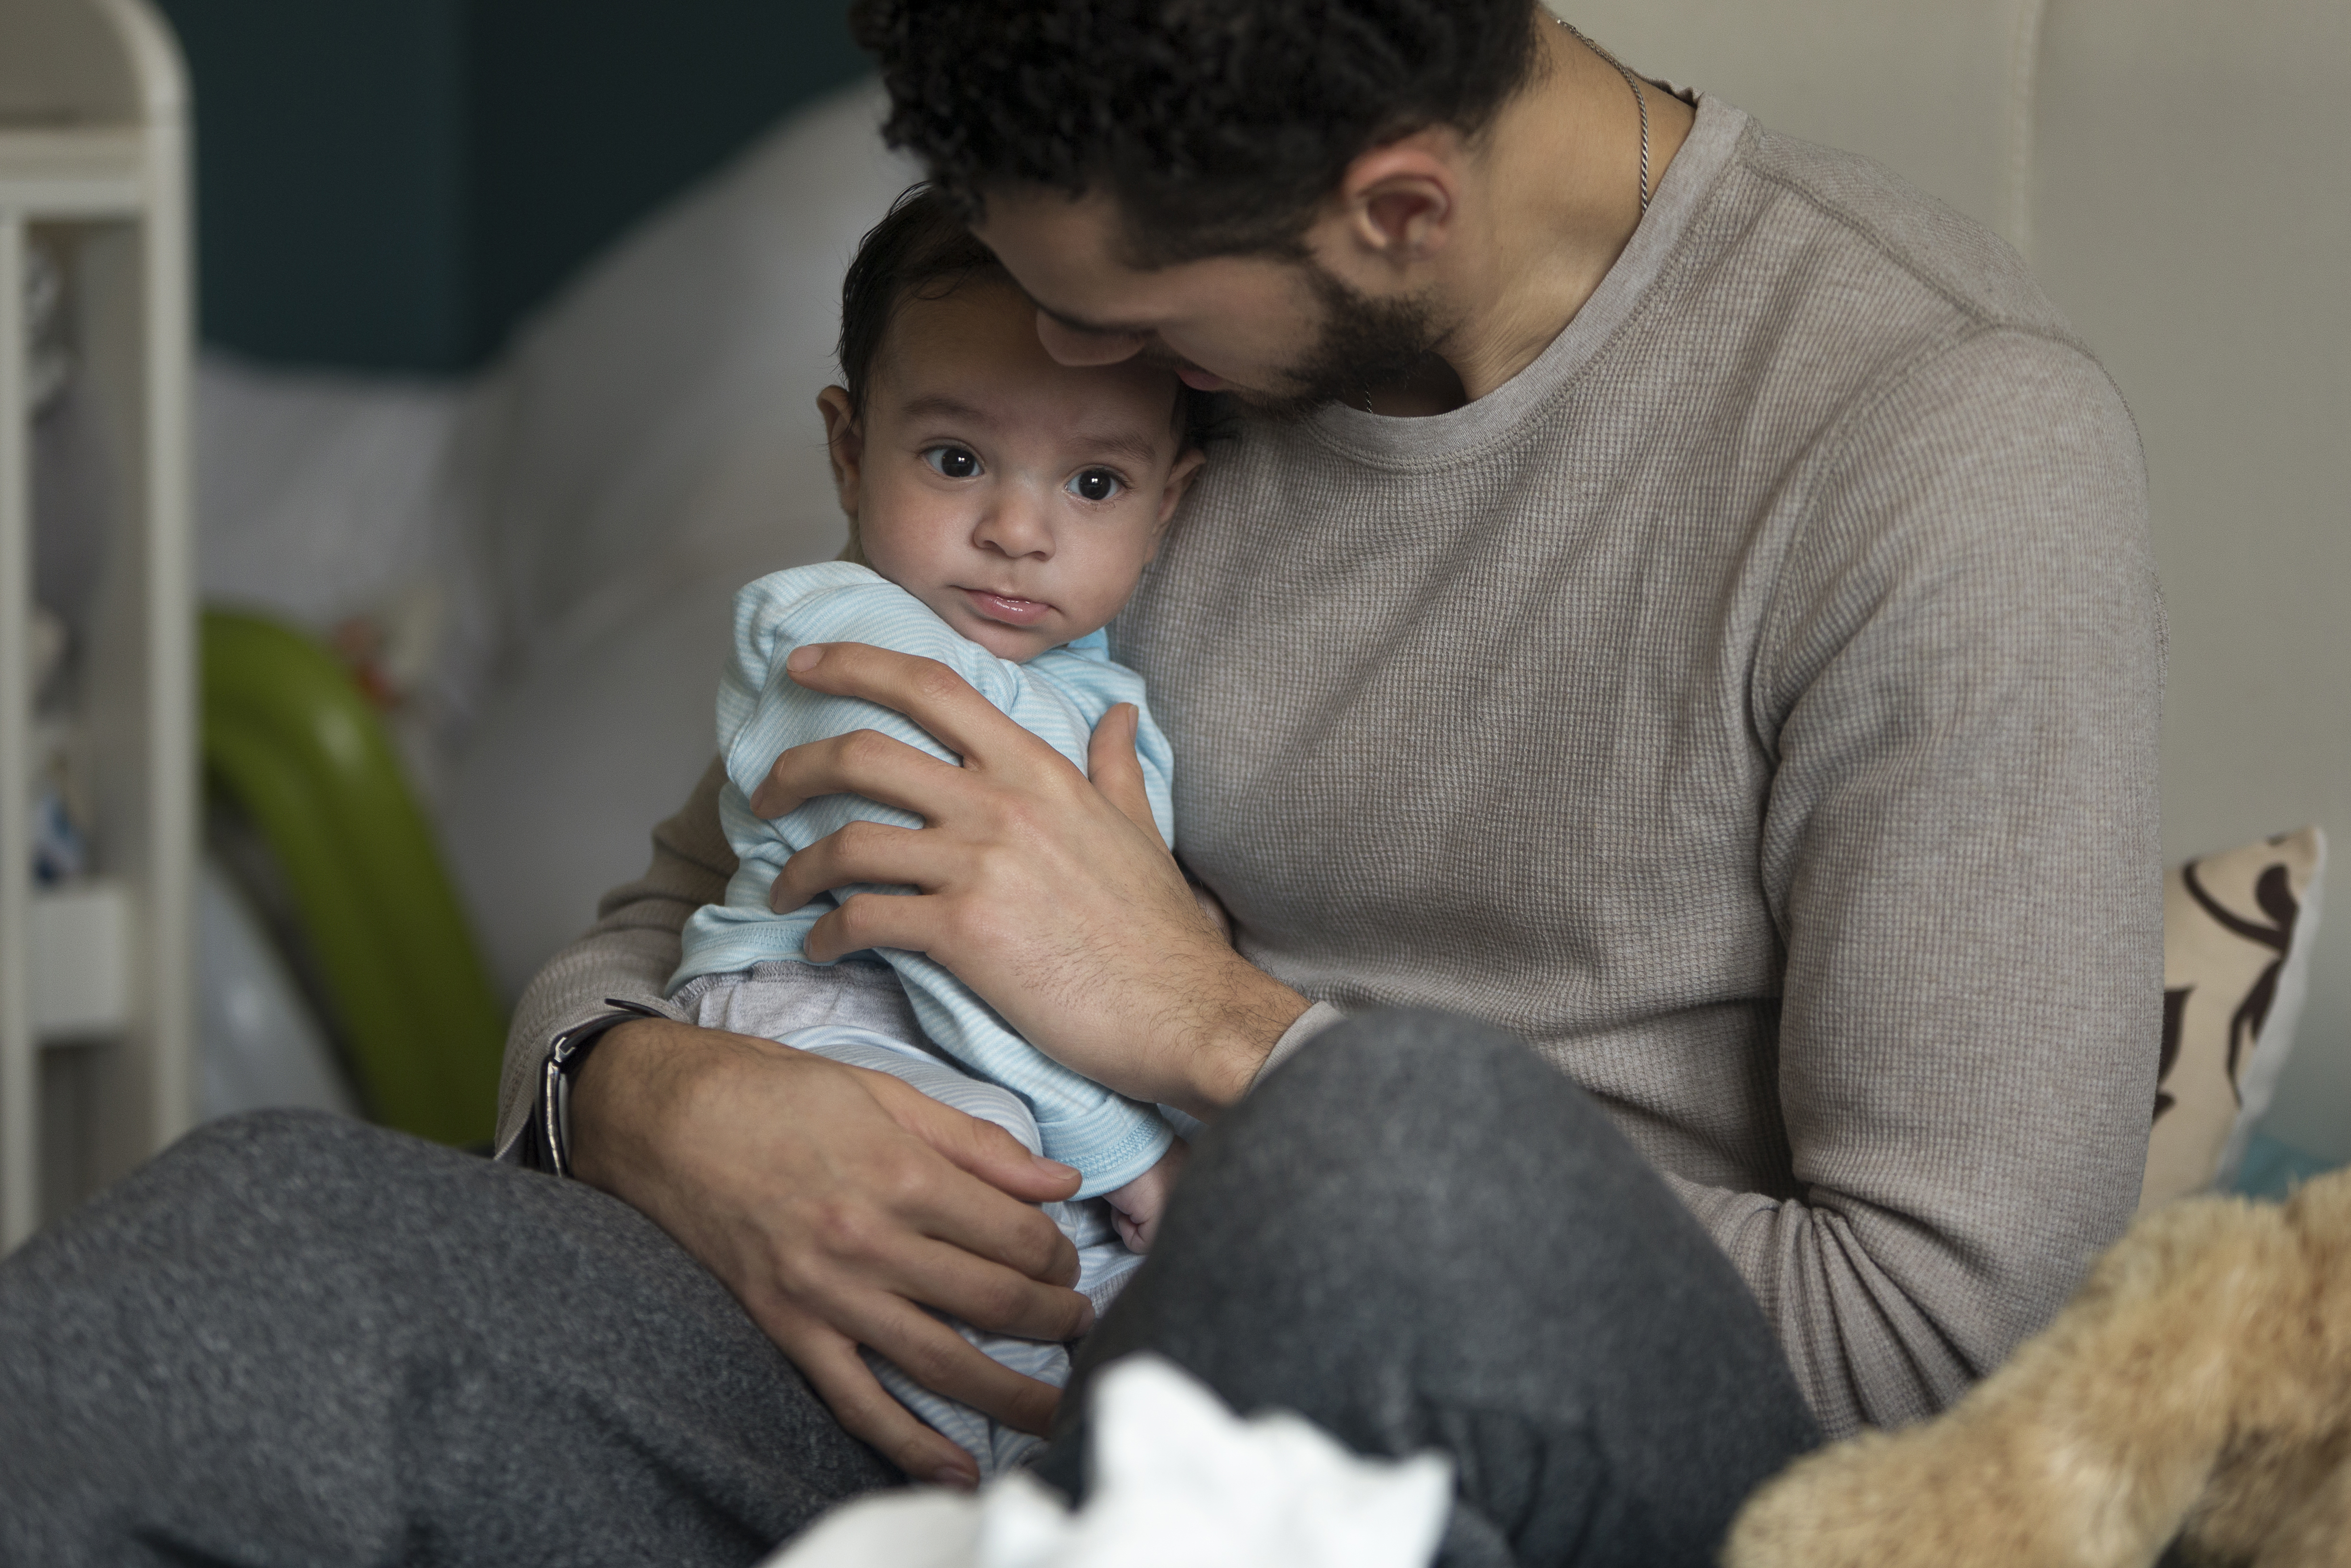 Inte nog med att barnen är sjuka och behöver tas hand om, föräldrarna blir också stressade över att de måste vara borta från jobbet.